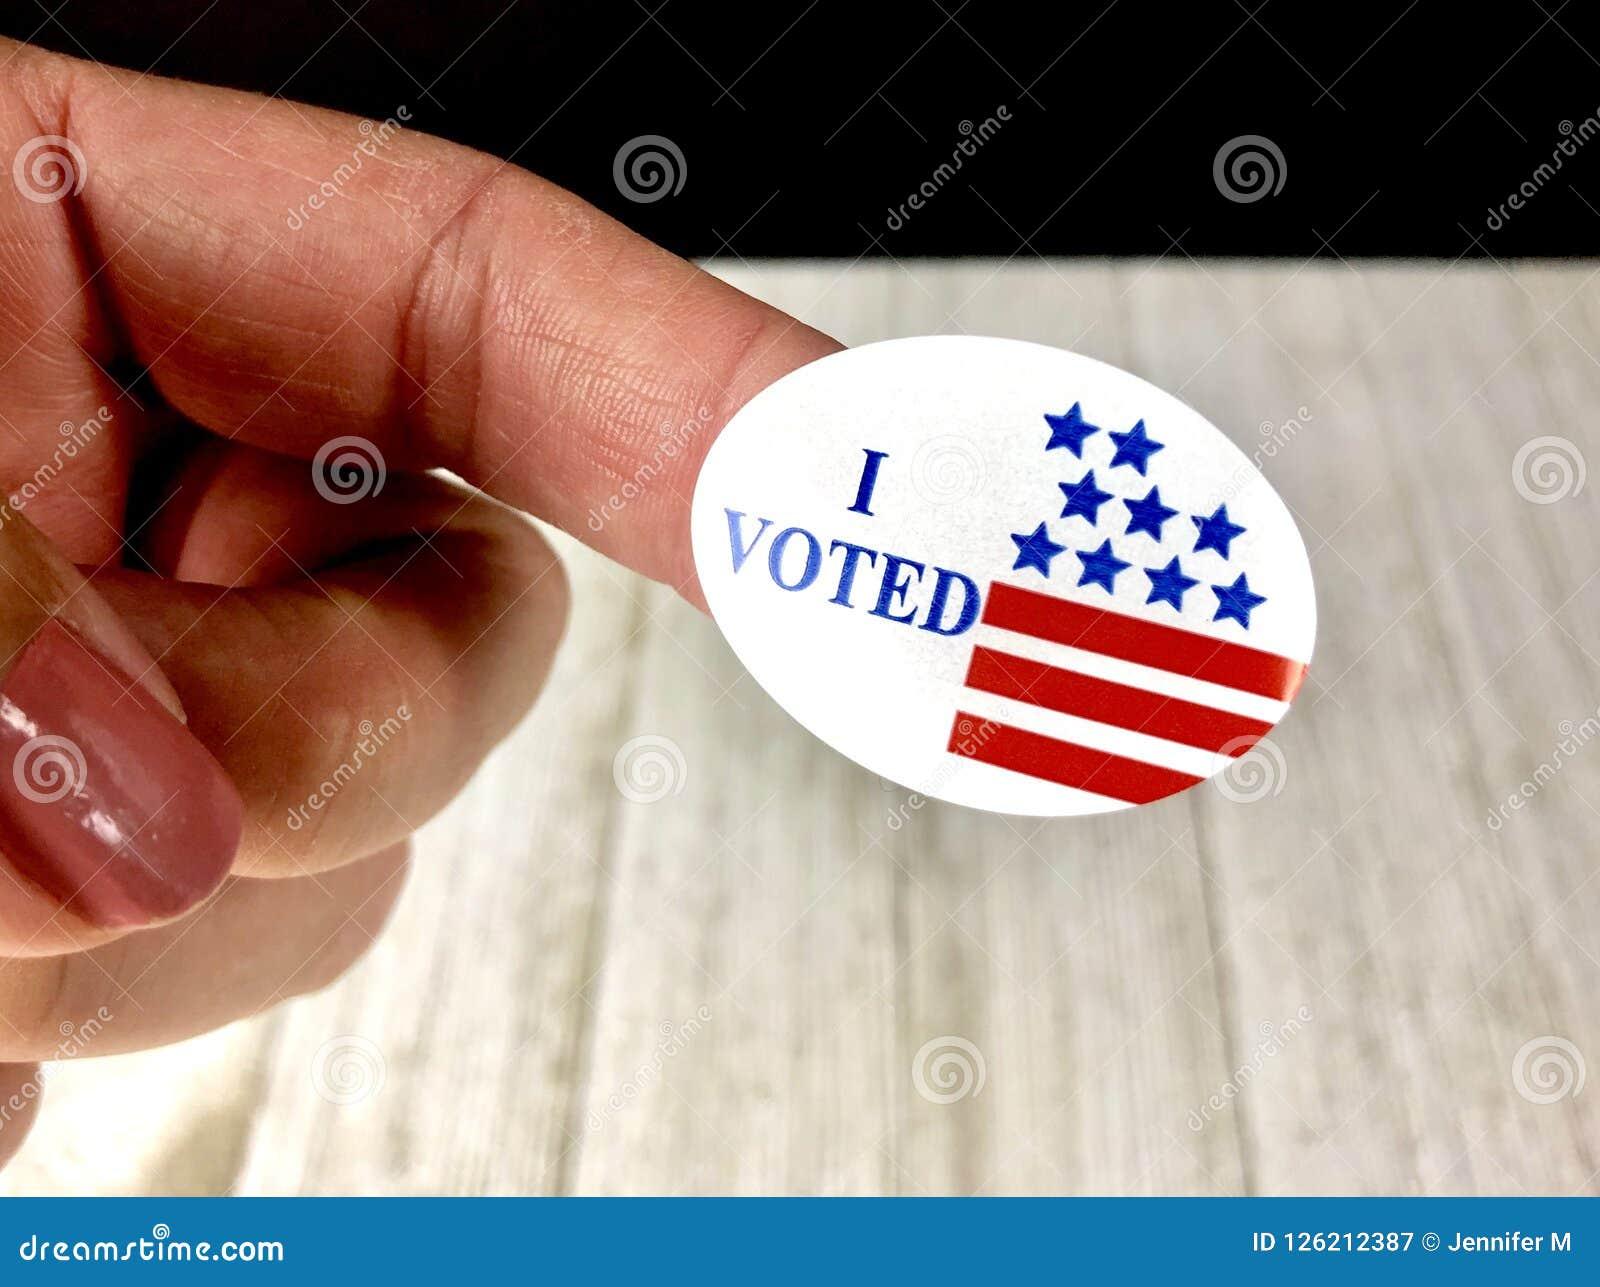 我投票了贴纸